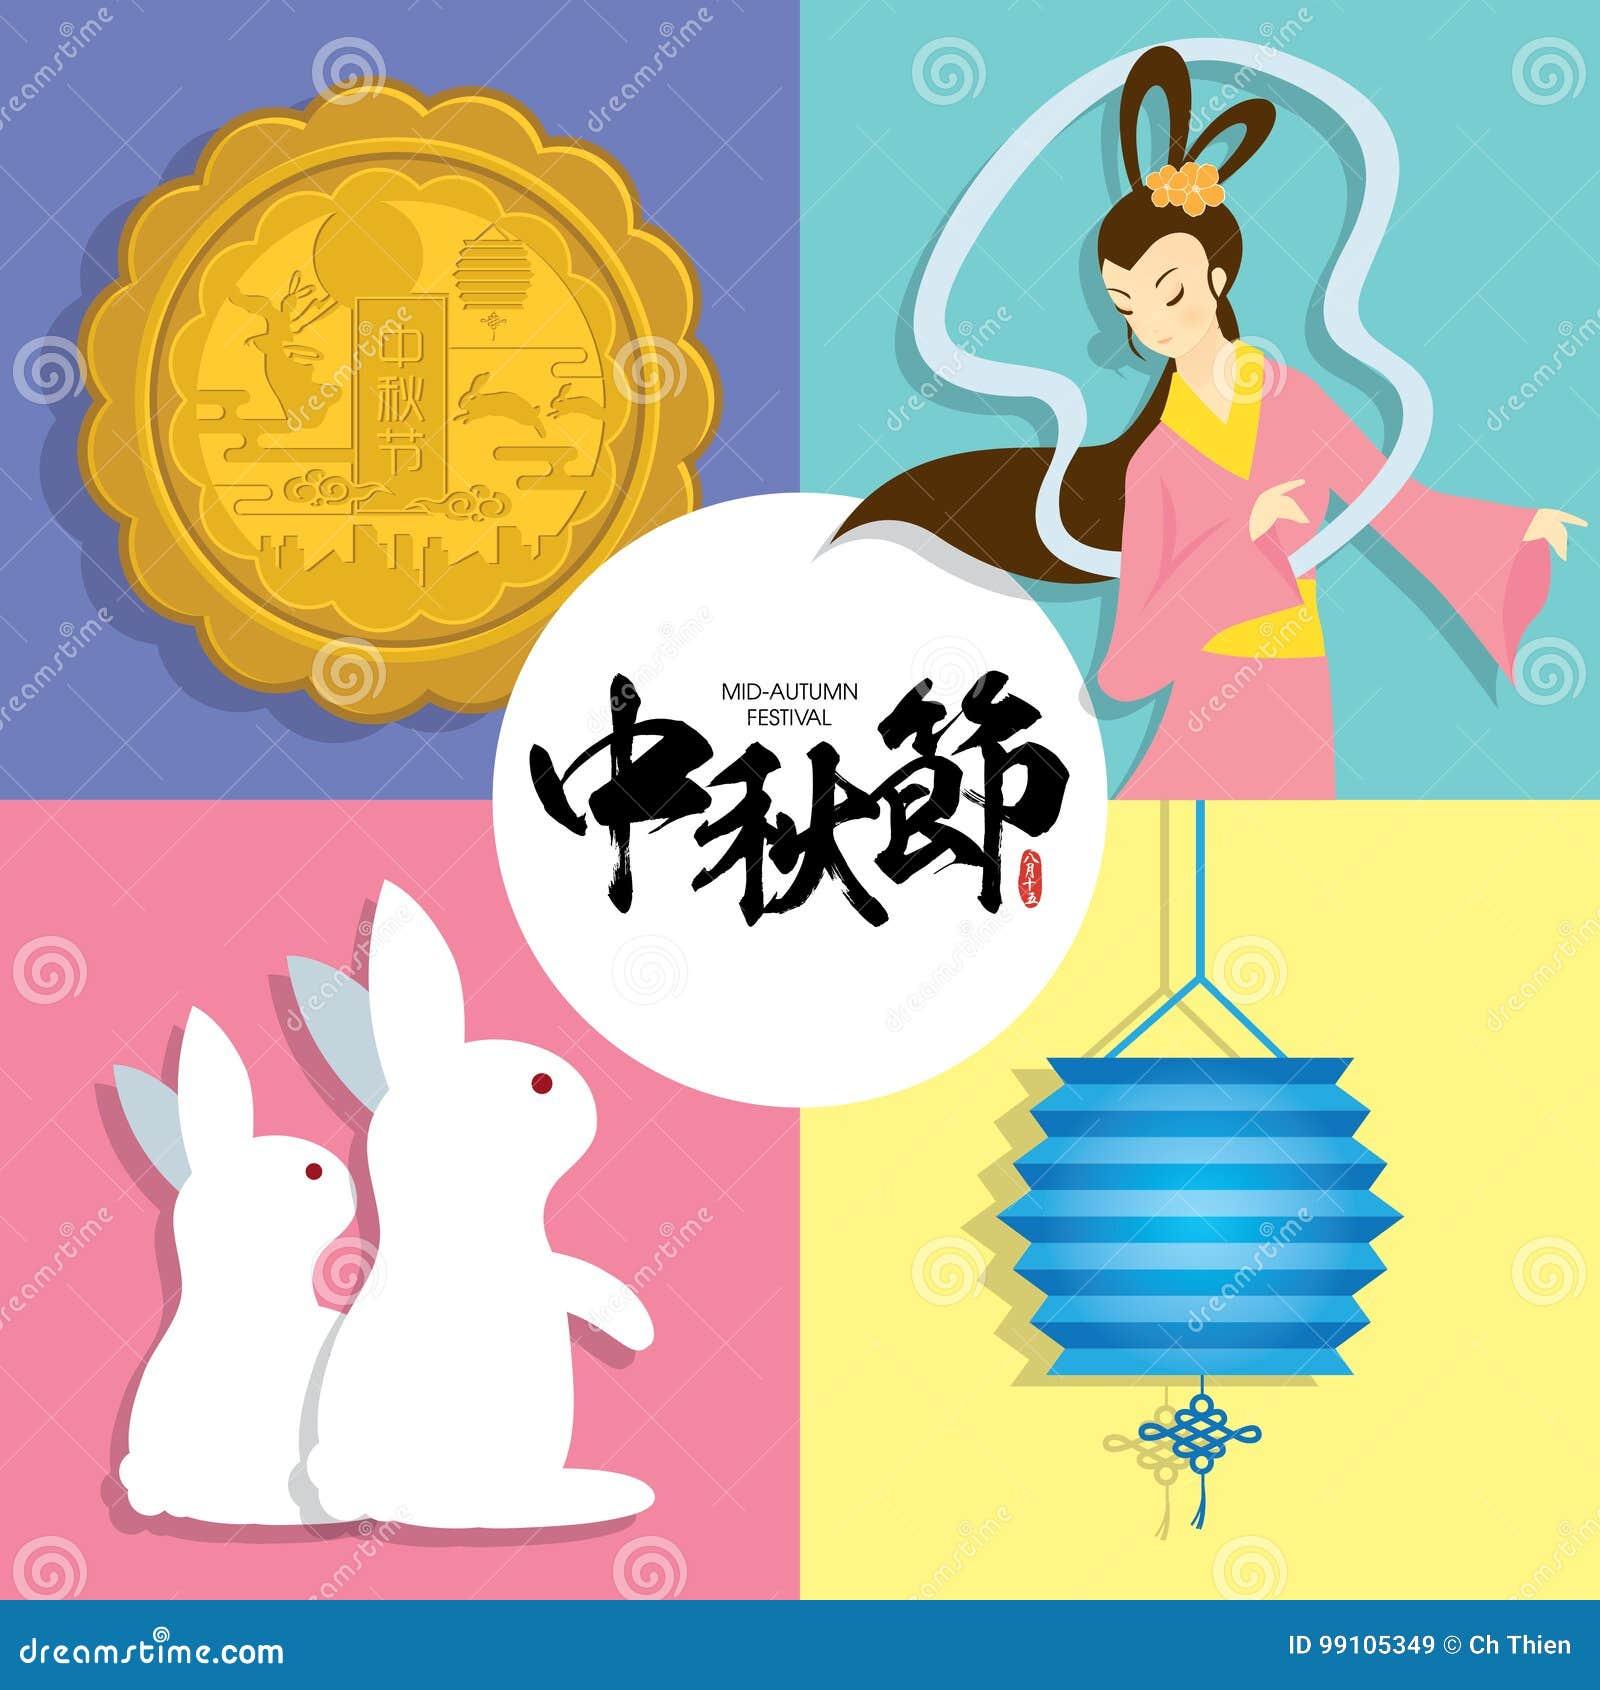 Mitt--höst festivalillustration av kakor för gudinna, för kanin, för lykta och för måne för måne för Chang ` e Överskrift: Mitt--